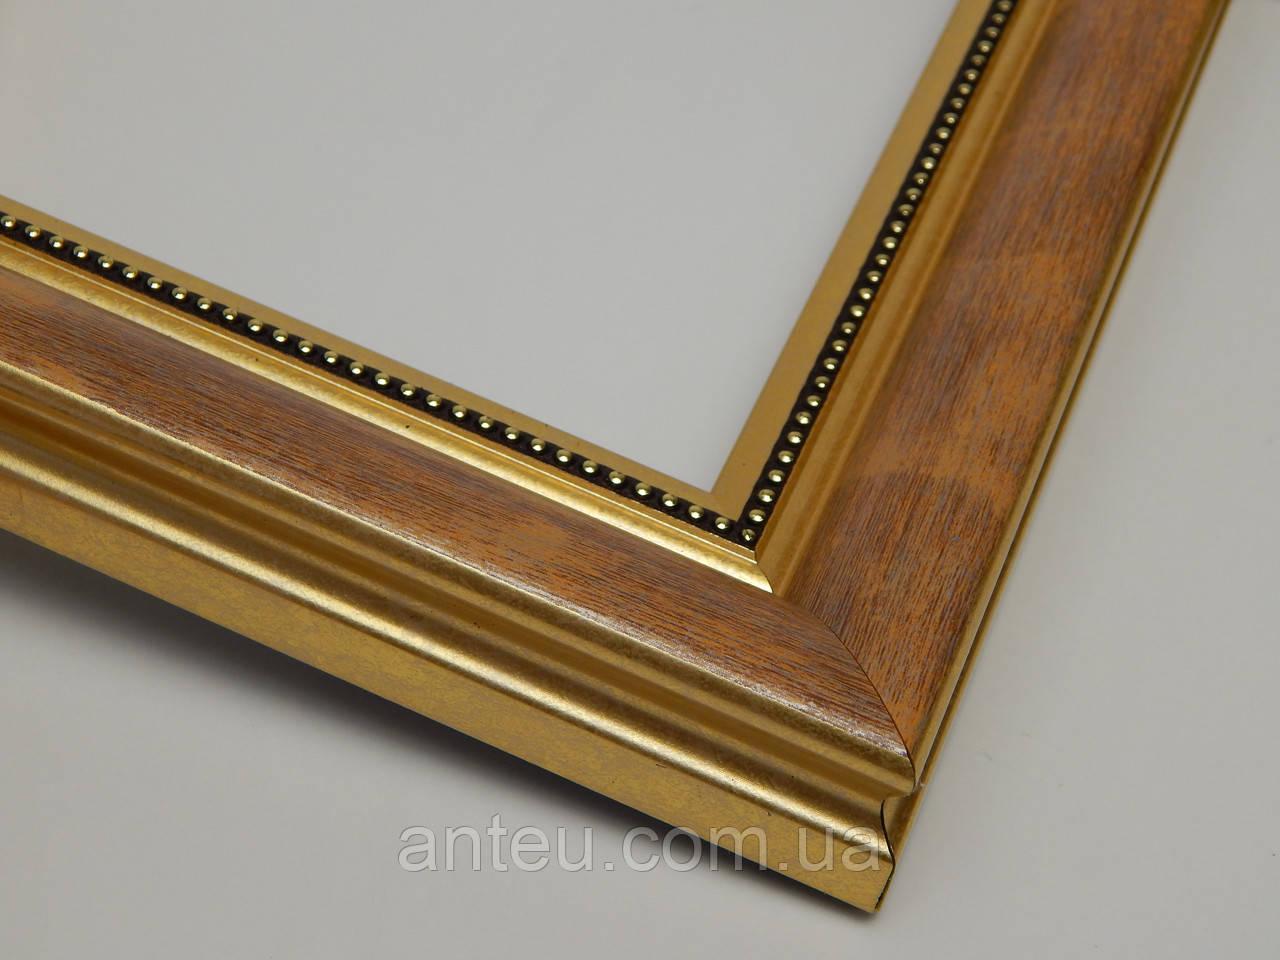 Рамка А2(420х594).Для картин,плакатов,фото...30 мм.Античное золото